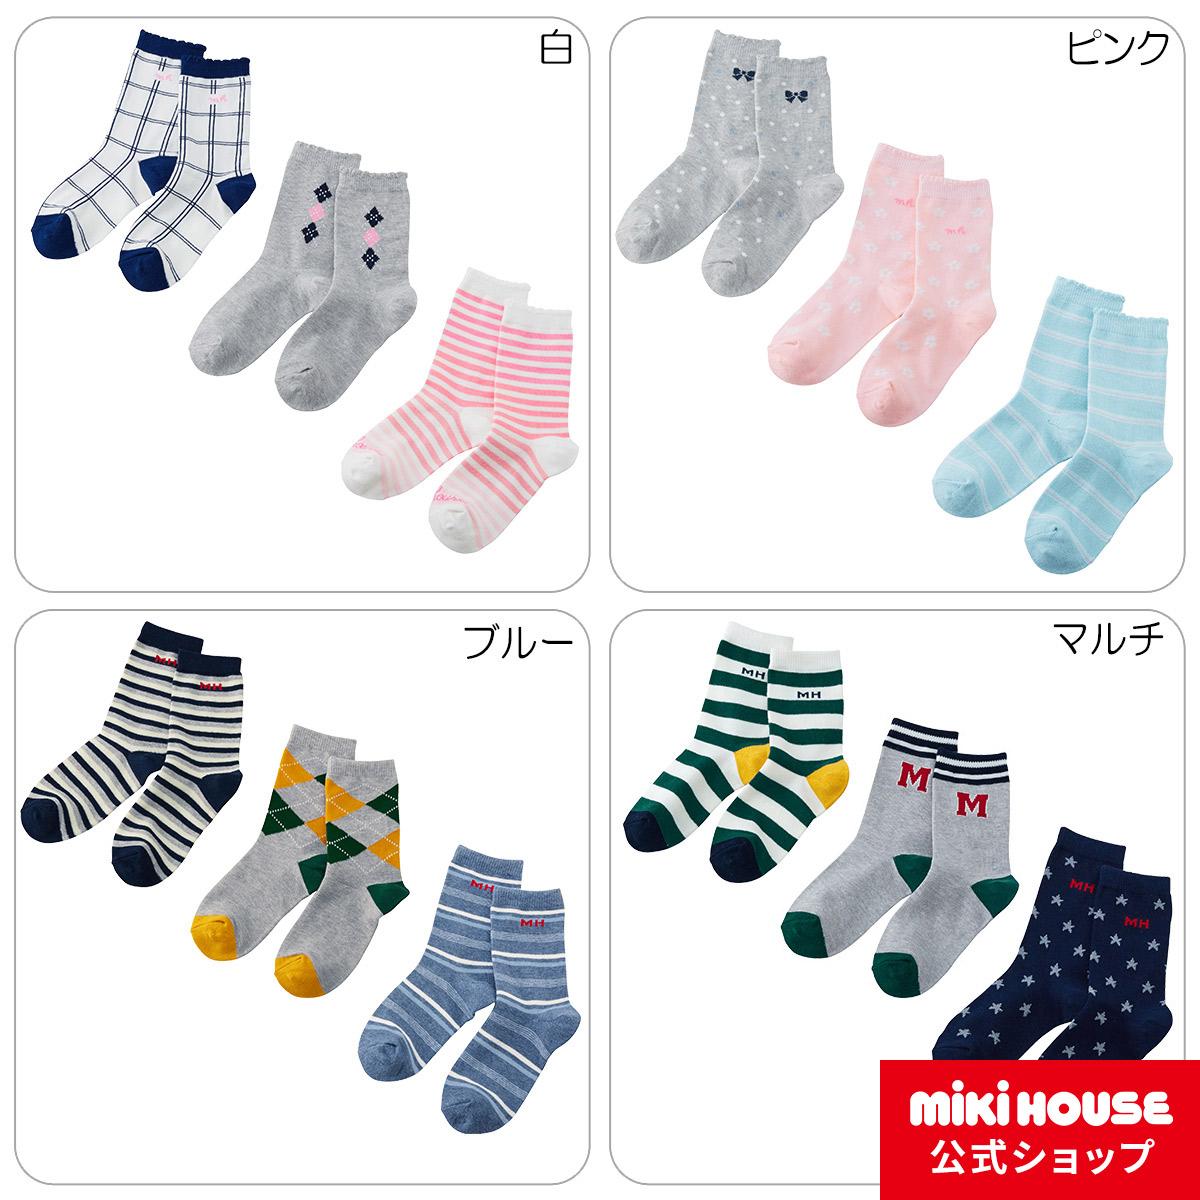 ミキハウス mikihouse ソックスパック3足セット 17cm-23cm ベビー キッズ 流行 男の子 靴下 赤ちゃん 子供 女の子 高品質 こども